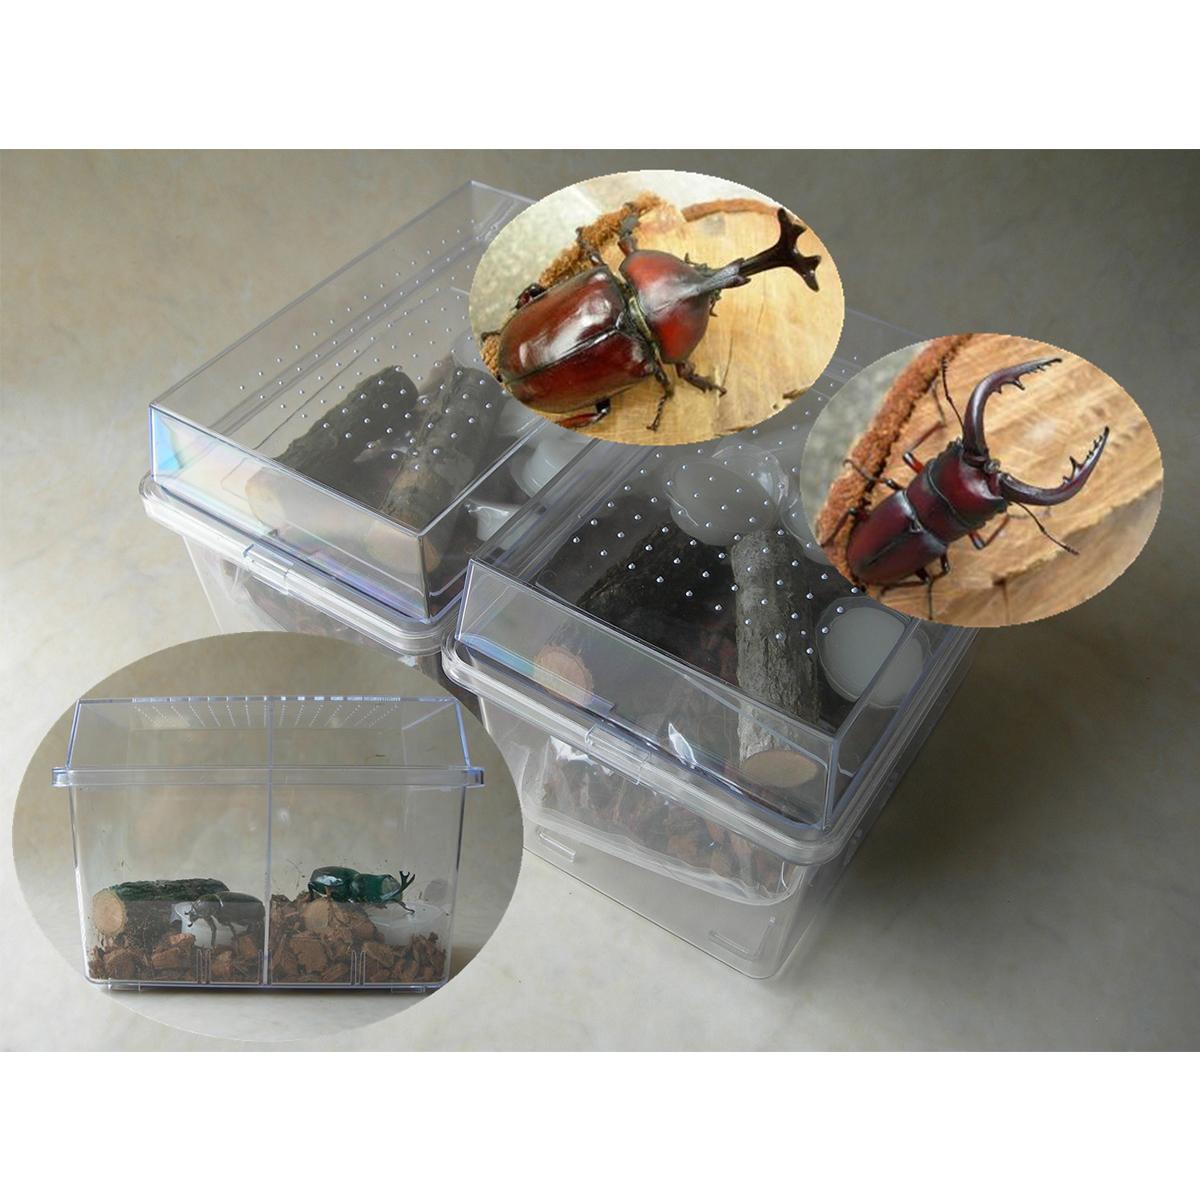 【ふるさと納税】カブト虫・ノコギリクワガタ(成虫)オスメスペア飼育セット付